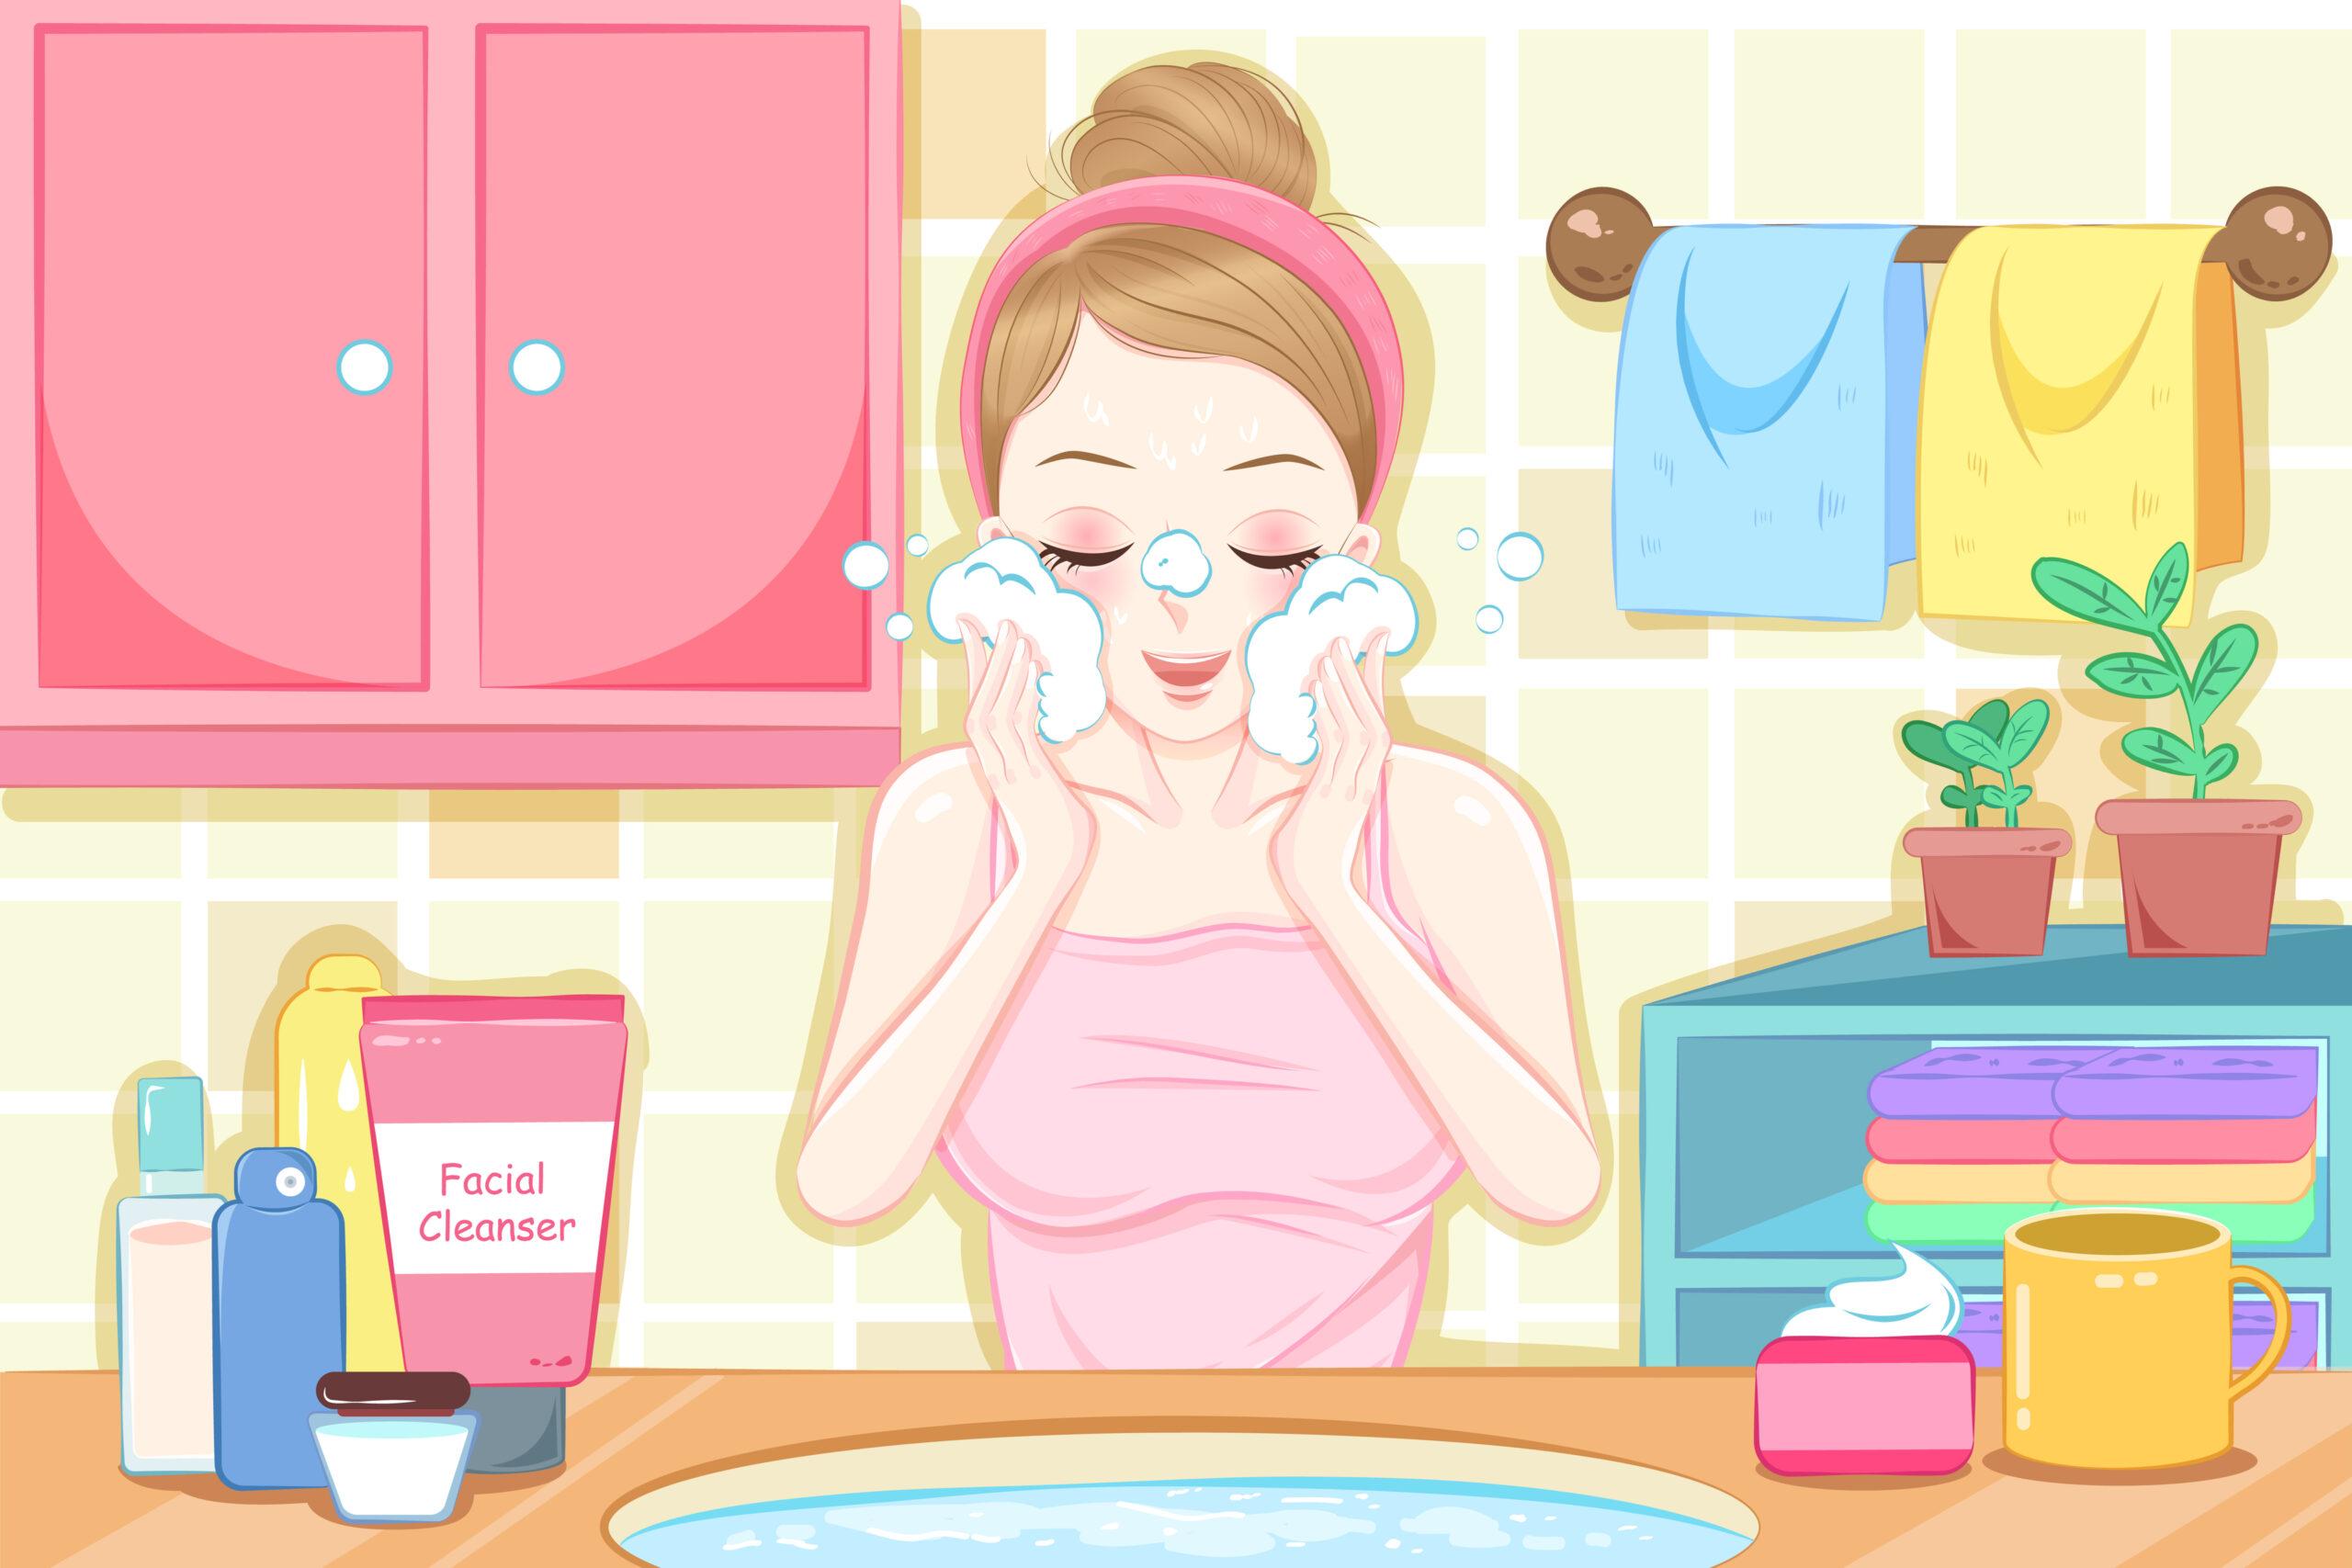 普段以上に念入りな洗顔を心がけよう